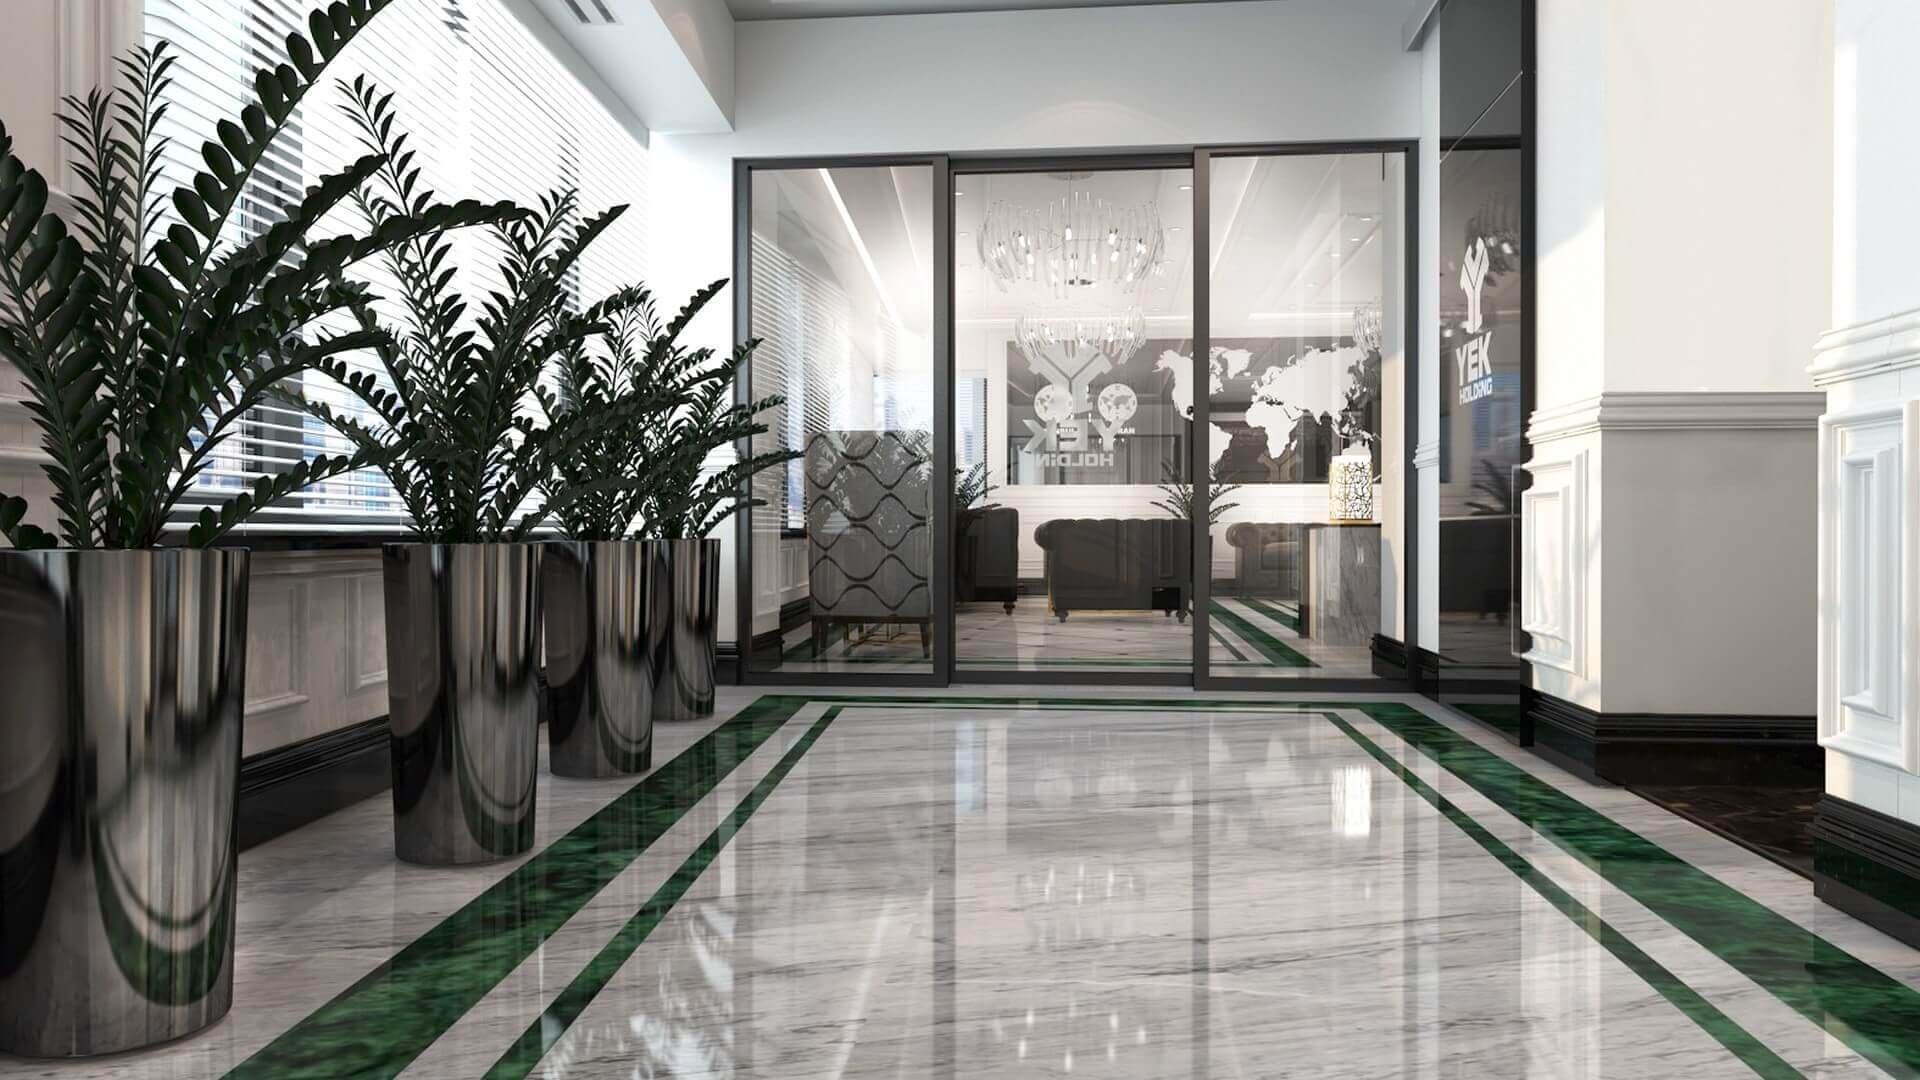 İlkbahar Mh. Çankaya 2453 YEK Petrokimya Offices